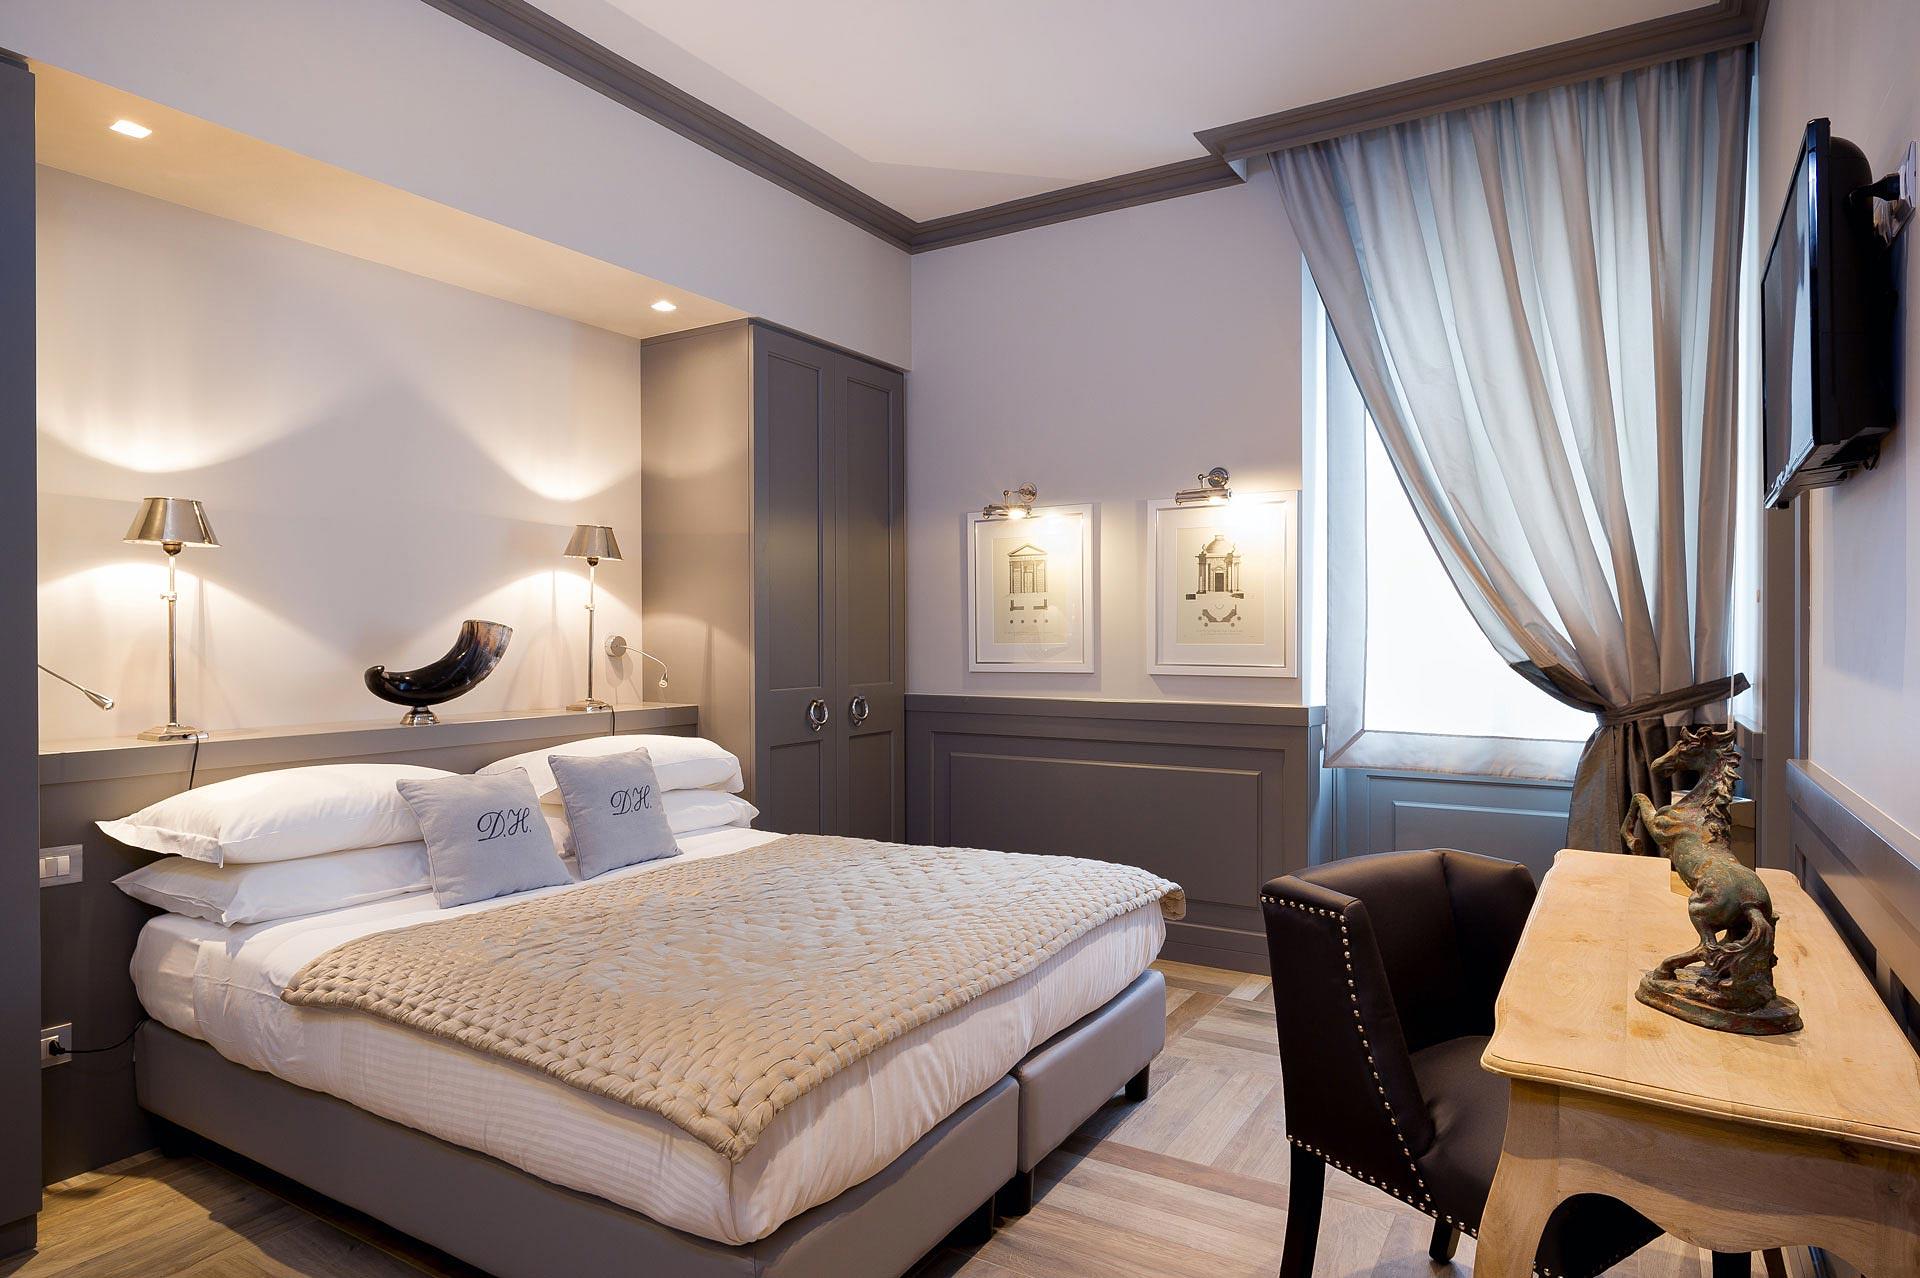 foto-albergo-roma-fotografo-architettura-interni-3